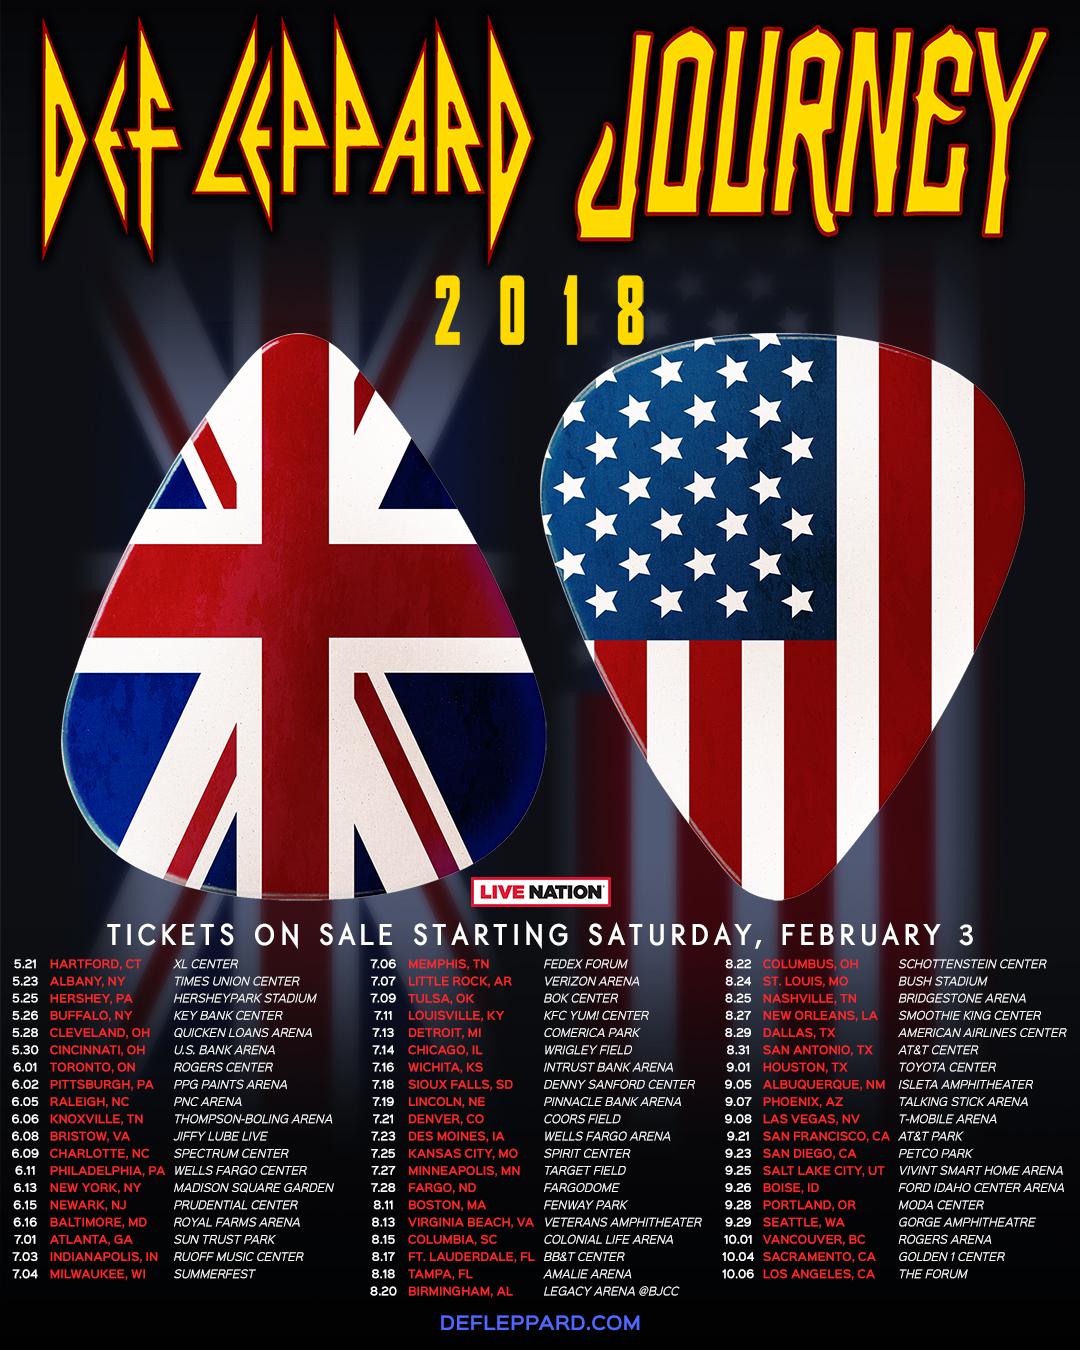 Poison Def Leppard Tour 2020 Tour | Def Leppard